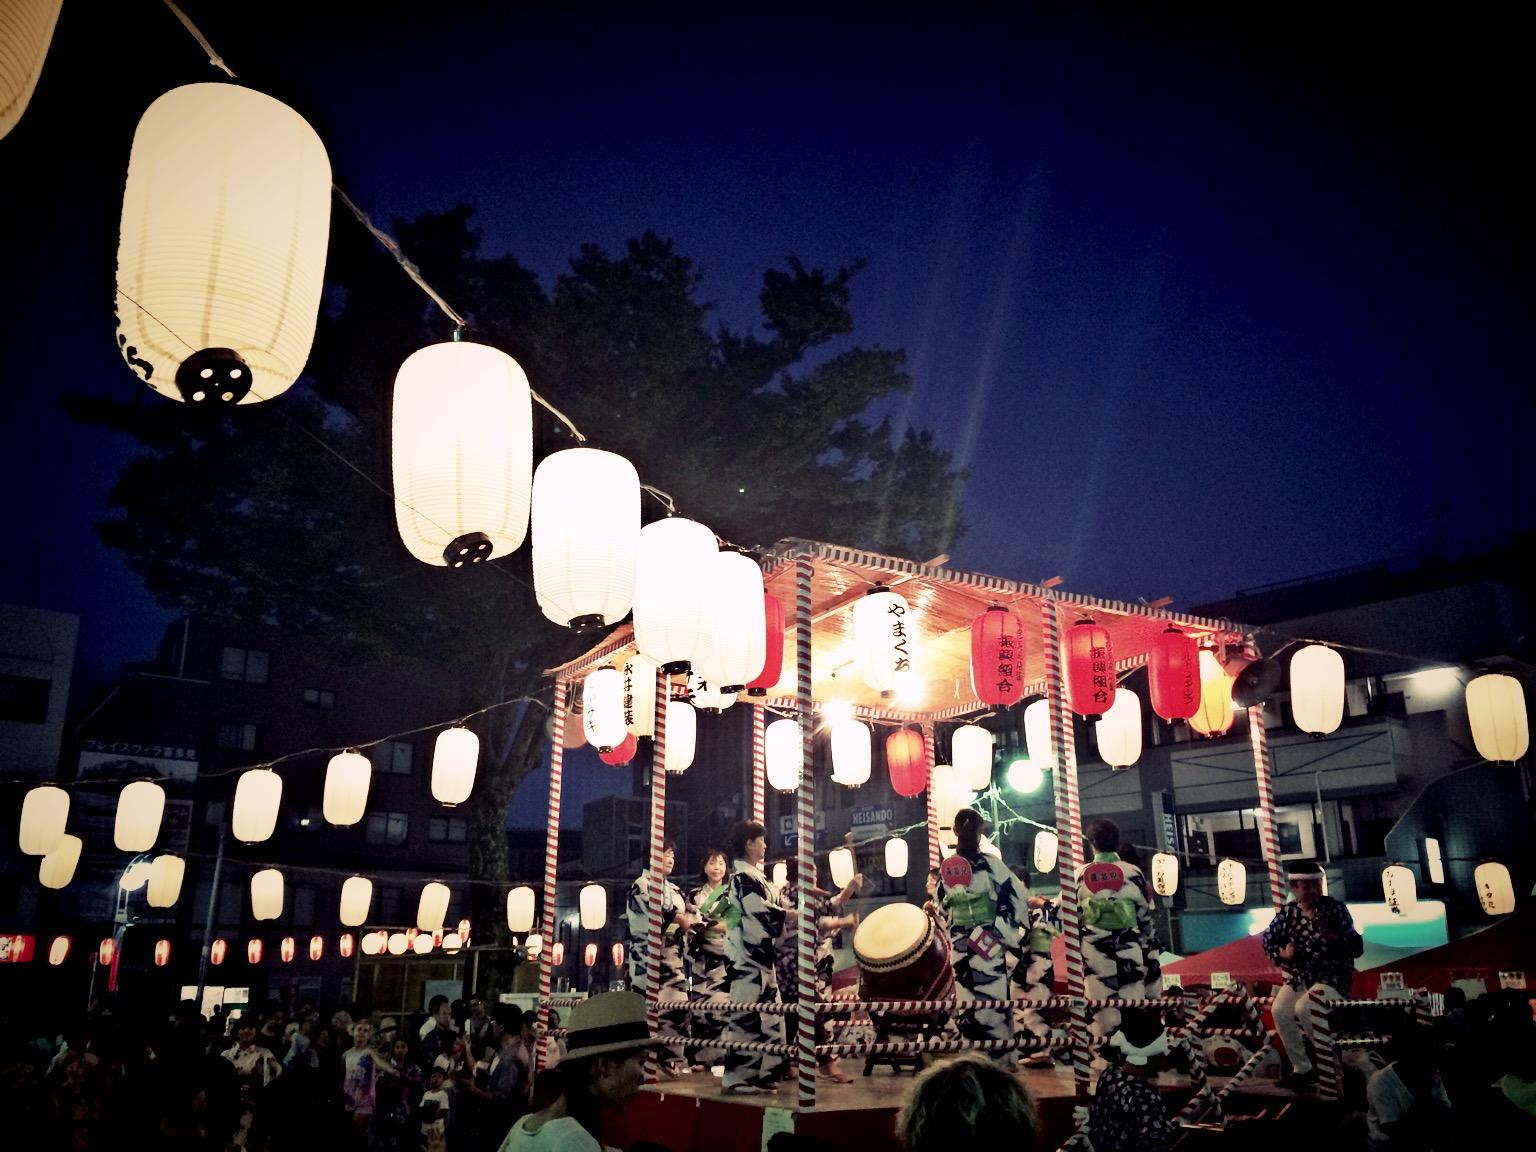 喜多見祭り 2016